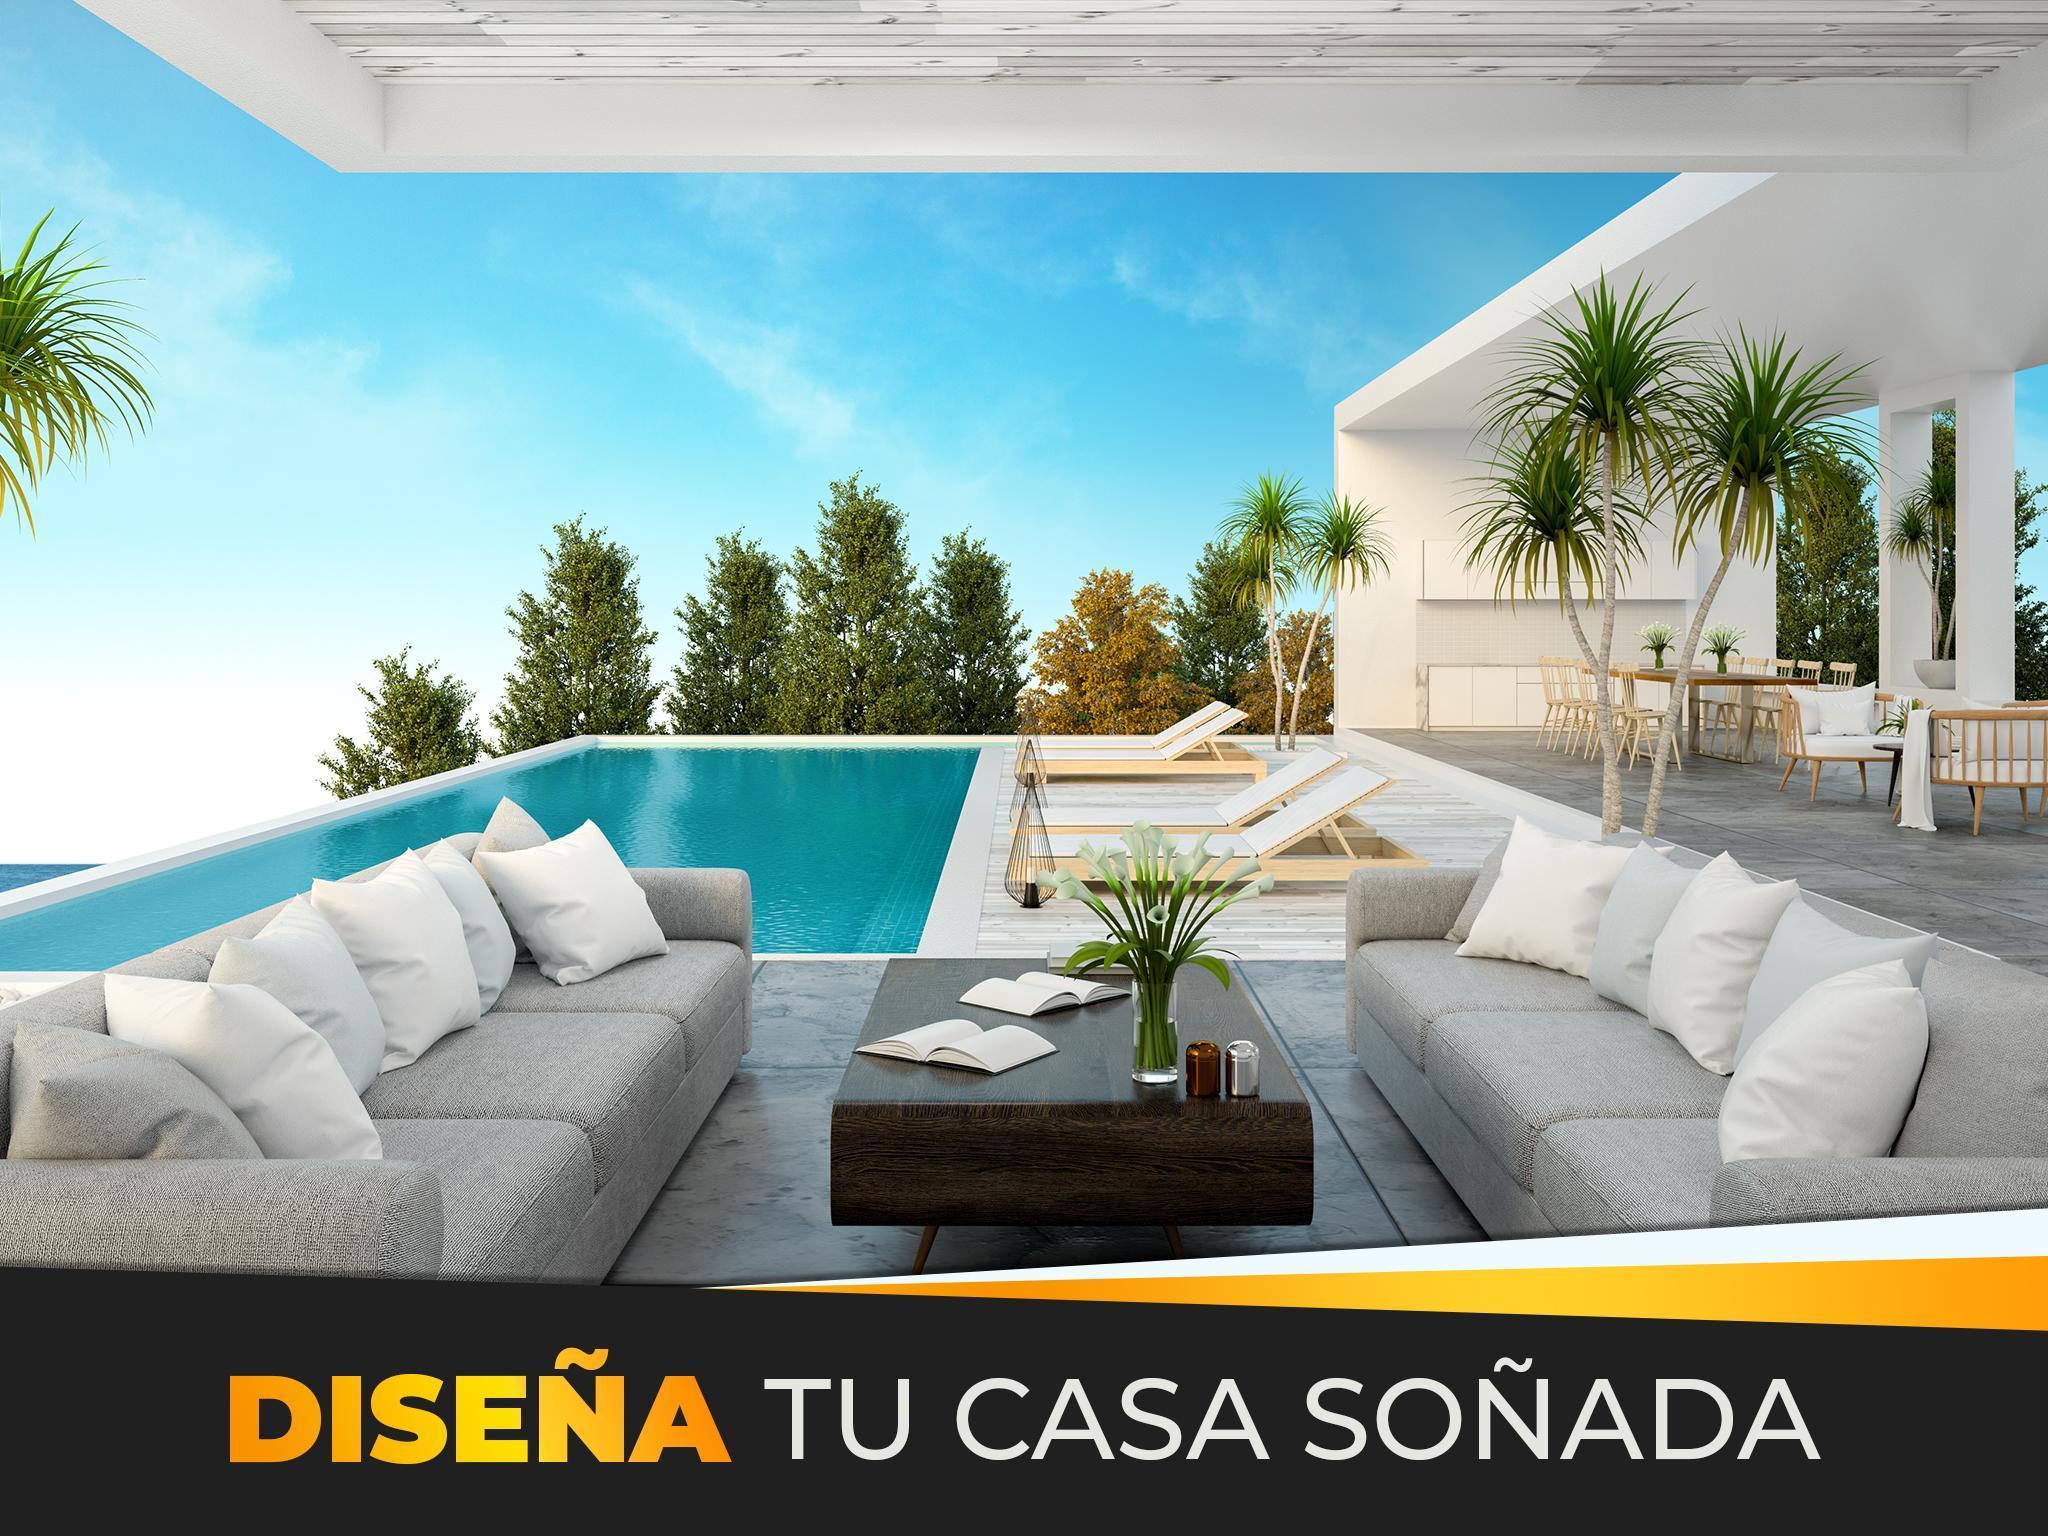 El Hogar De Mis Sueños Diseña Casas E Interiores For Android Apk Download